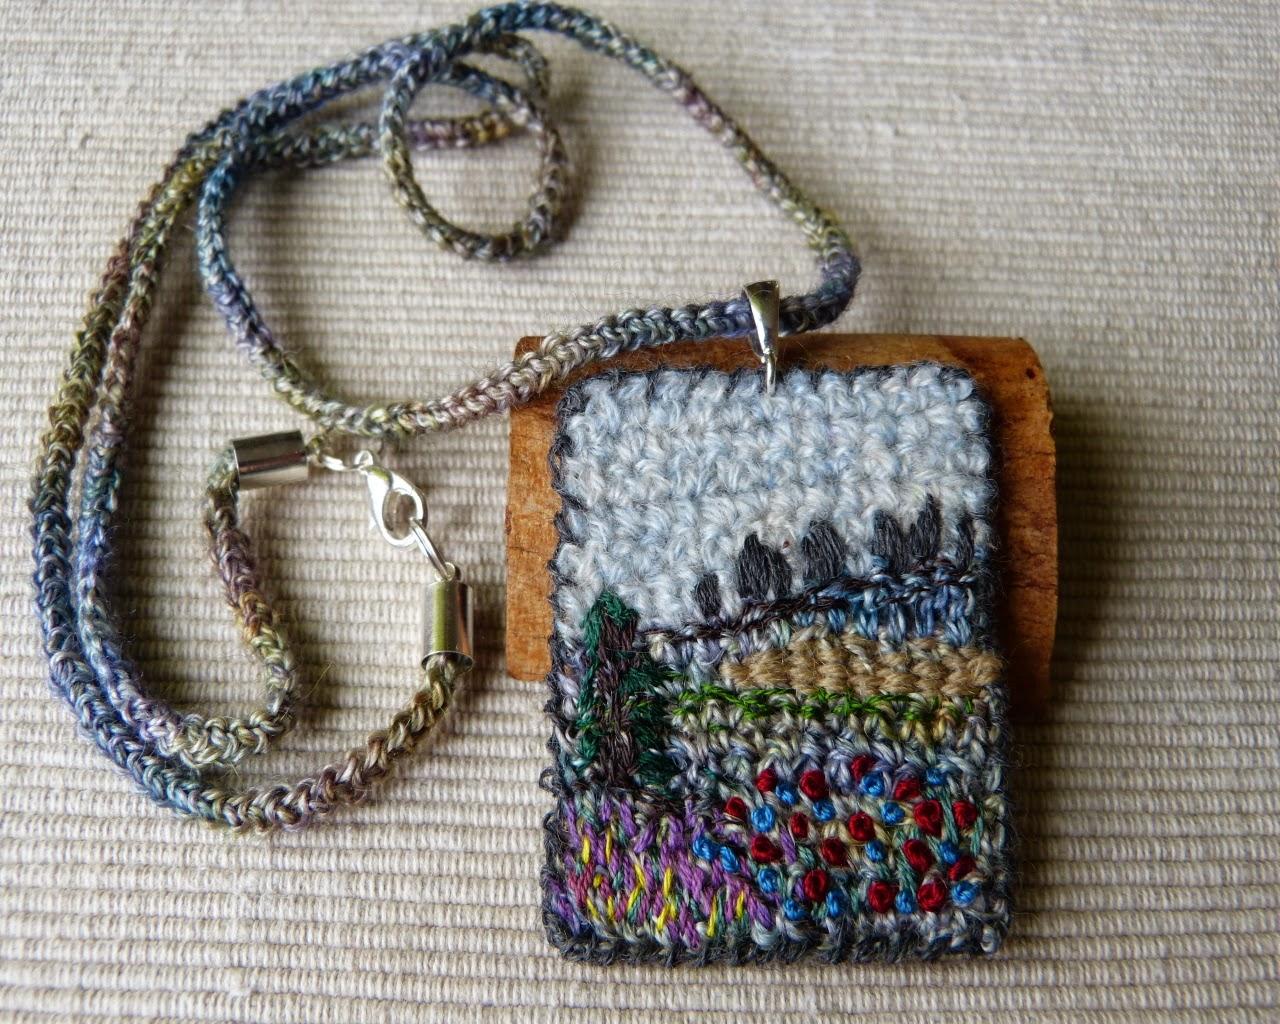 Textile arts, handmade necklace, biżuteria z dzianiny, naszyjnik na szydełku, szydełkowy naszyjnik, crochet, crocheting,